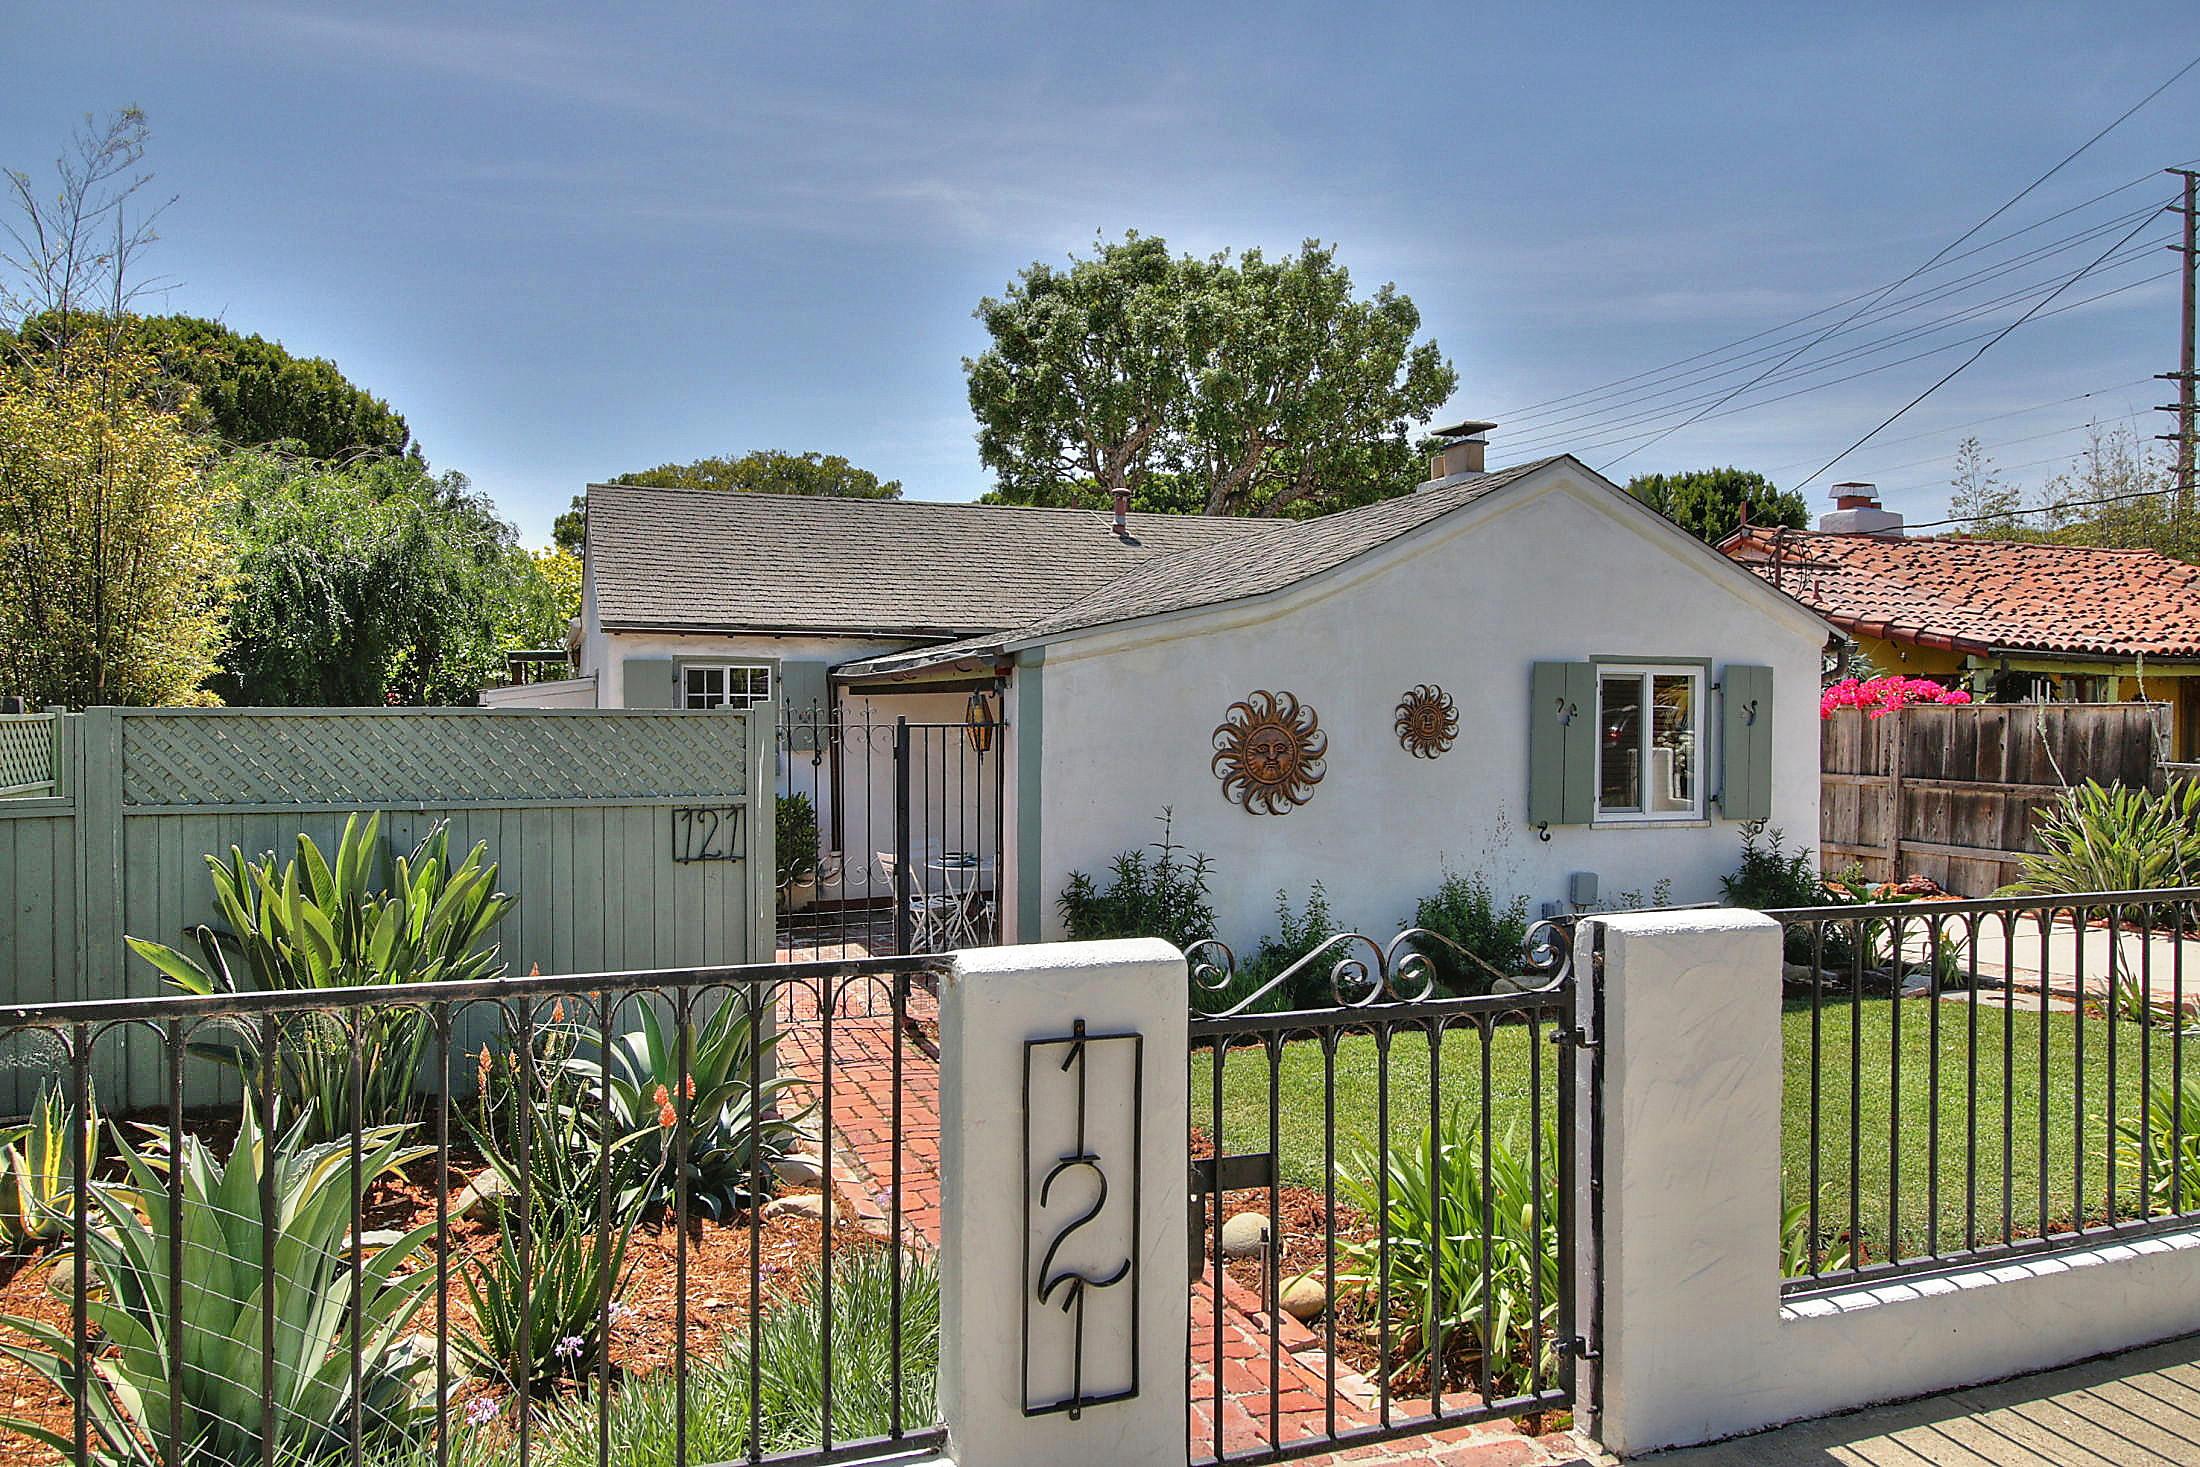 Property photo for 121 Juana Maria Ave Santa Barbara, California 93103 - 16-1372